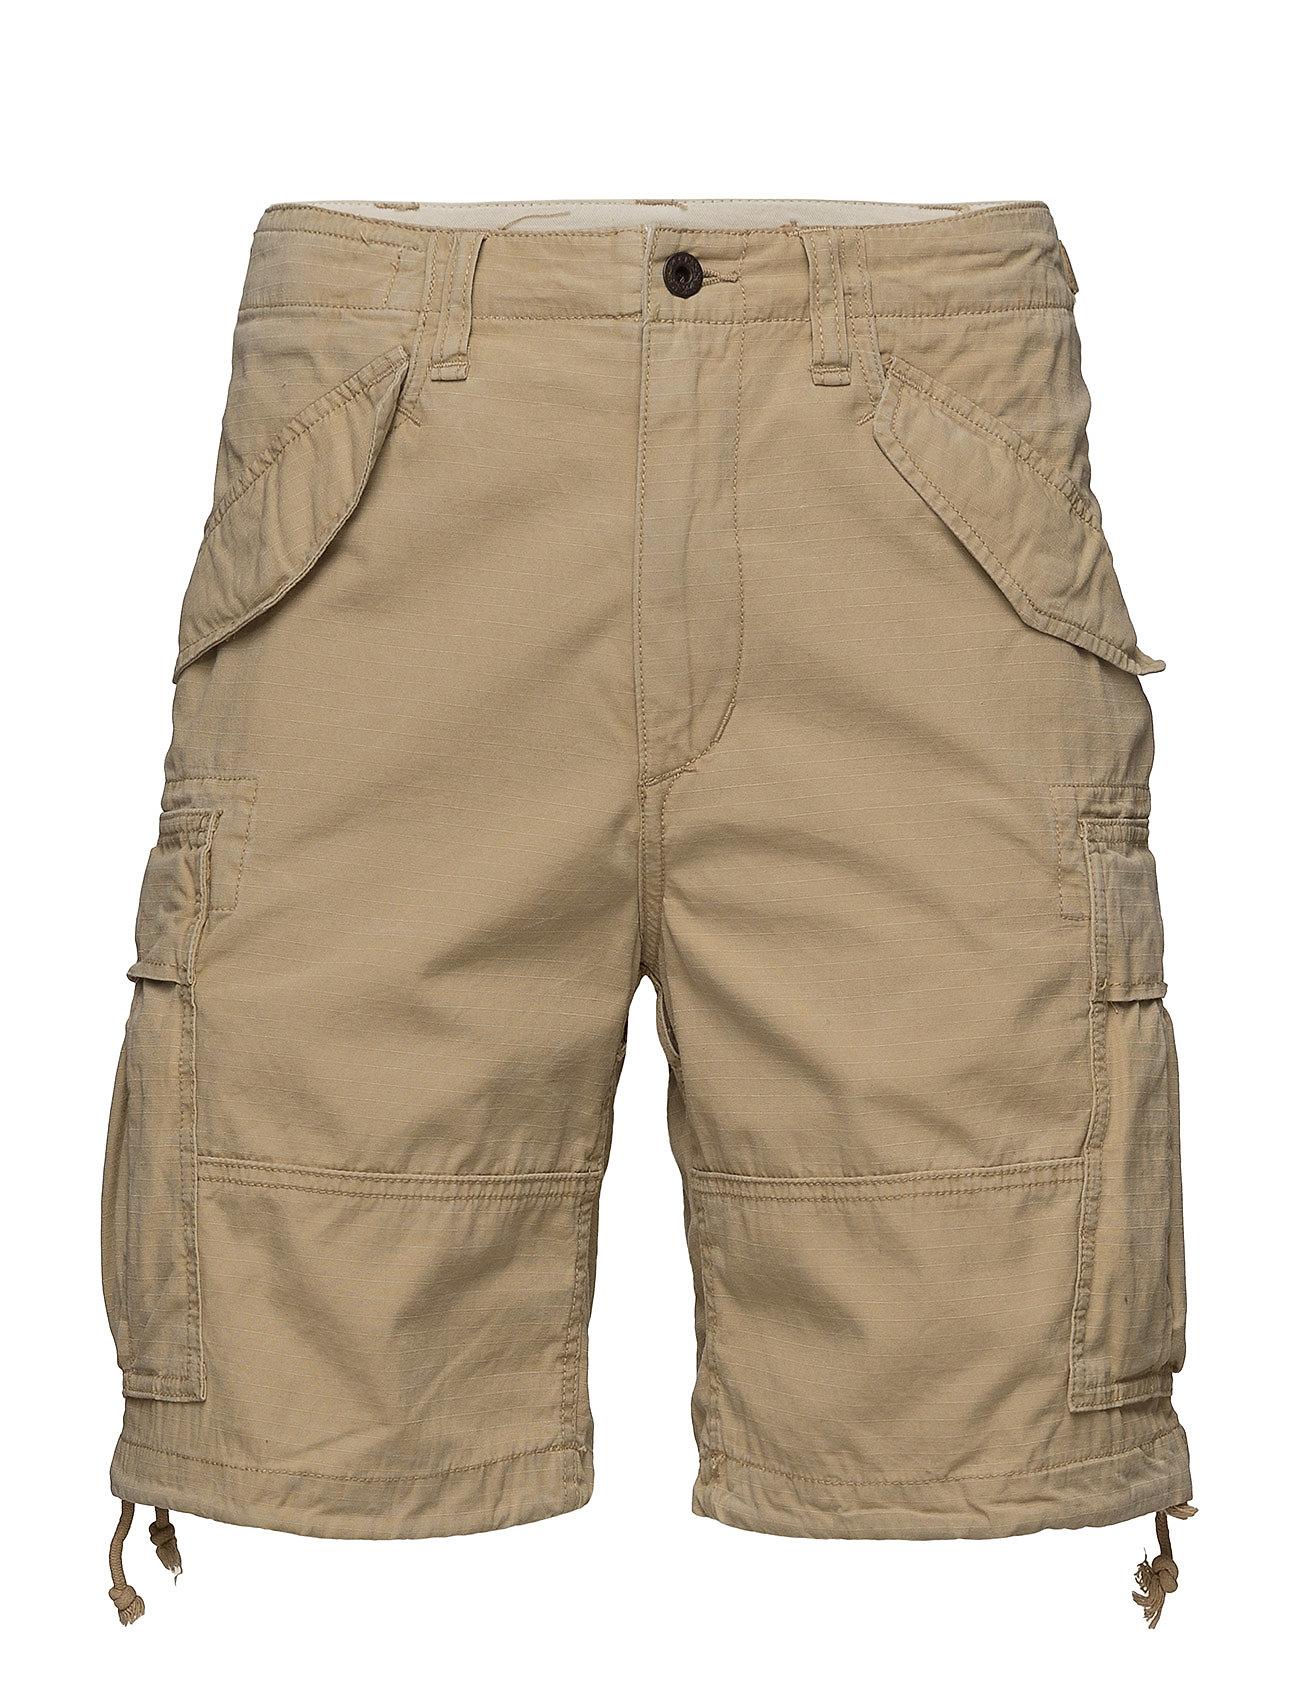 Polo Ralph Lauren Classic Fit Cotton Cargo Short Shorts